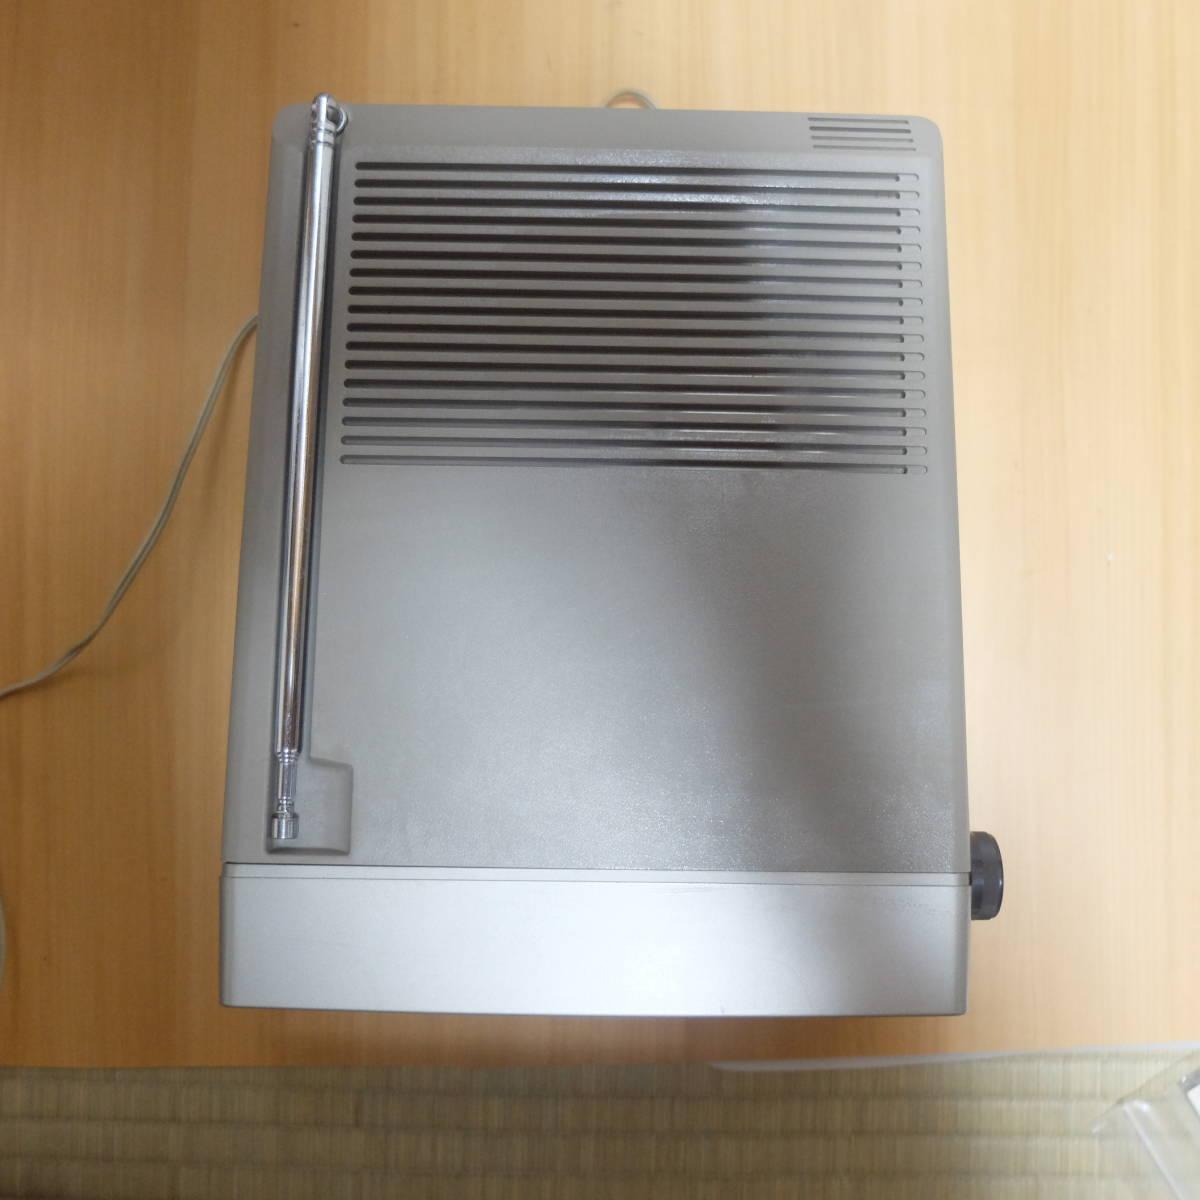 ポータブル 5型 白黒テレビ National ナショナル TR-5090 レトロ品 アンティーク_画像7